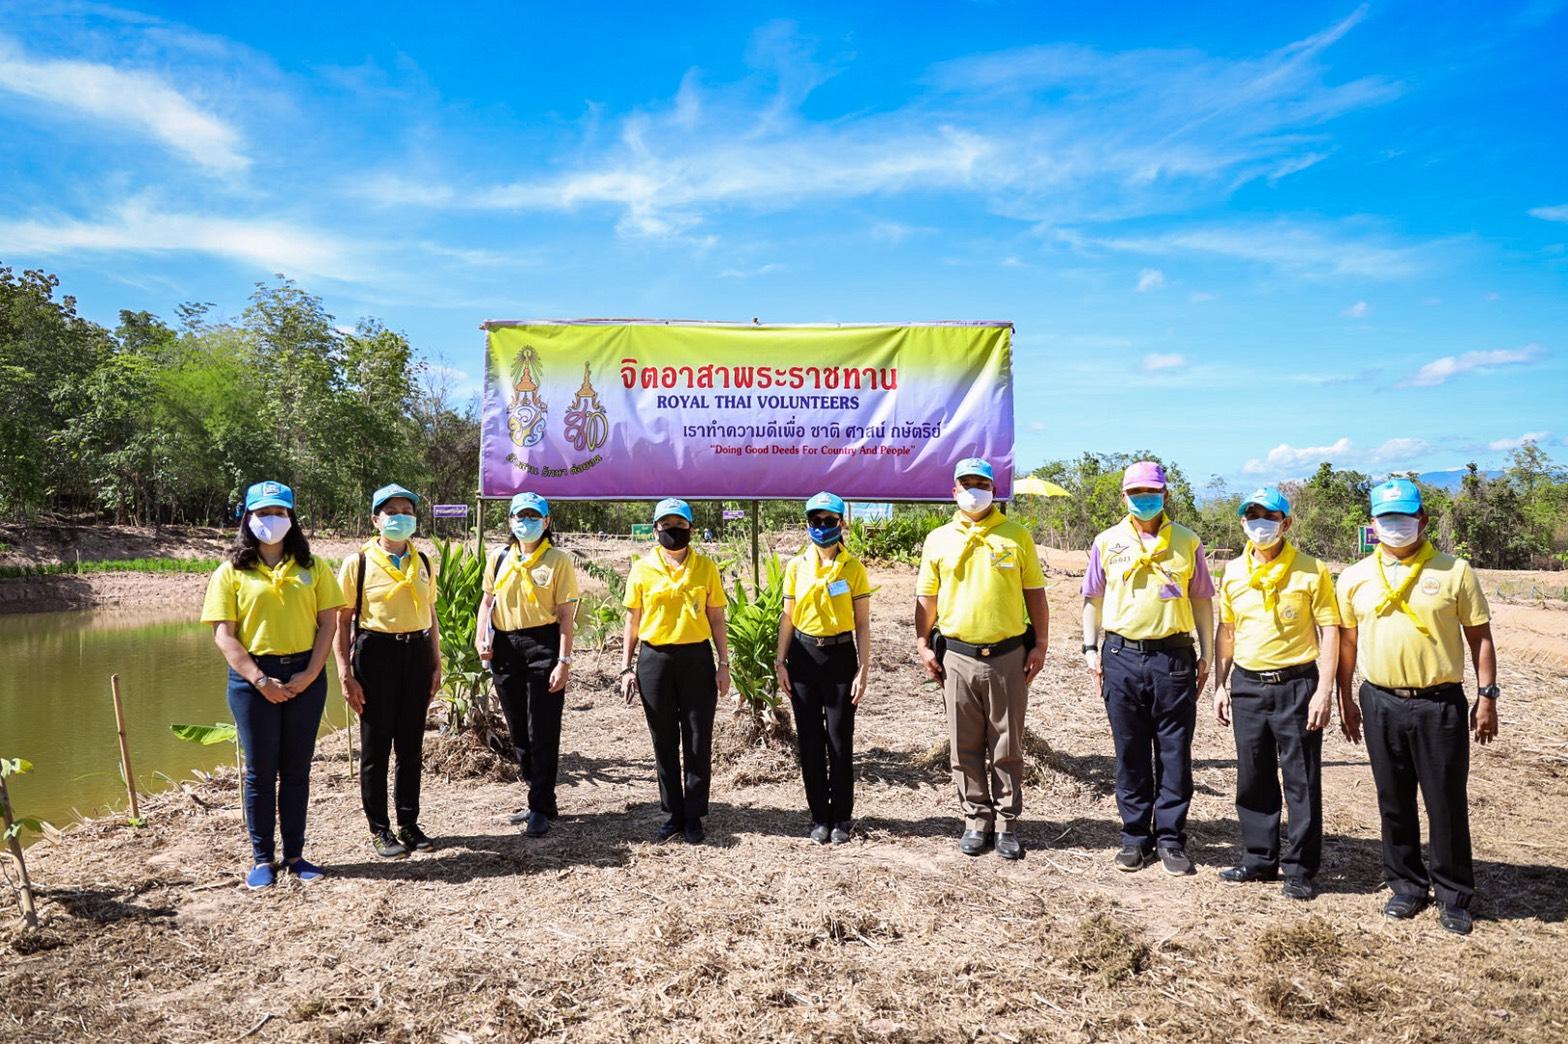 กระทรวงแรงงาน พลิกฟื้นอาชีพชาวเชียงใหม่ จ้างงานฟาร์มตัวอย่าง สร้างรายได้ ก้าวพ้นโควิด